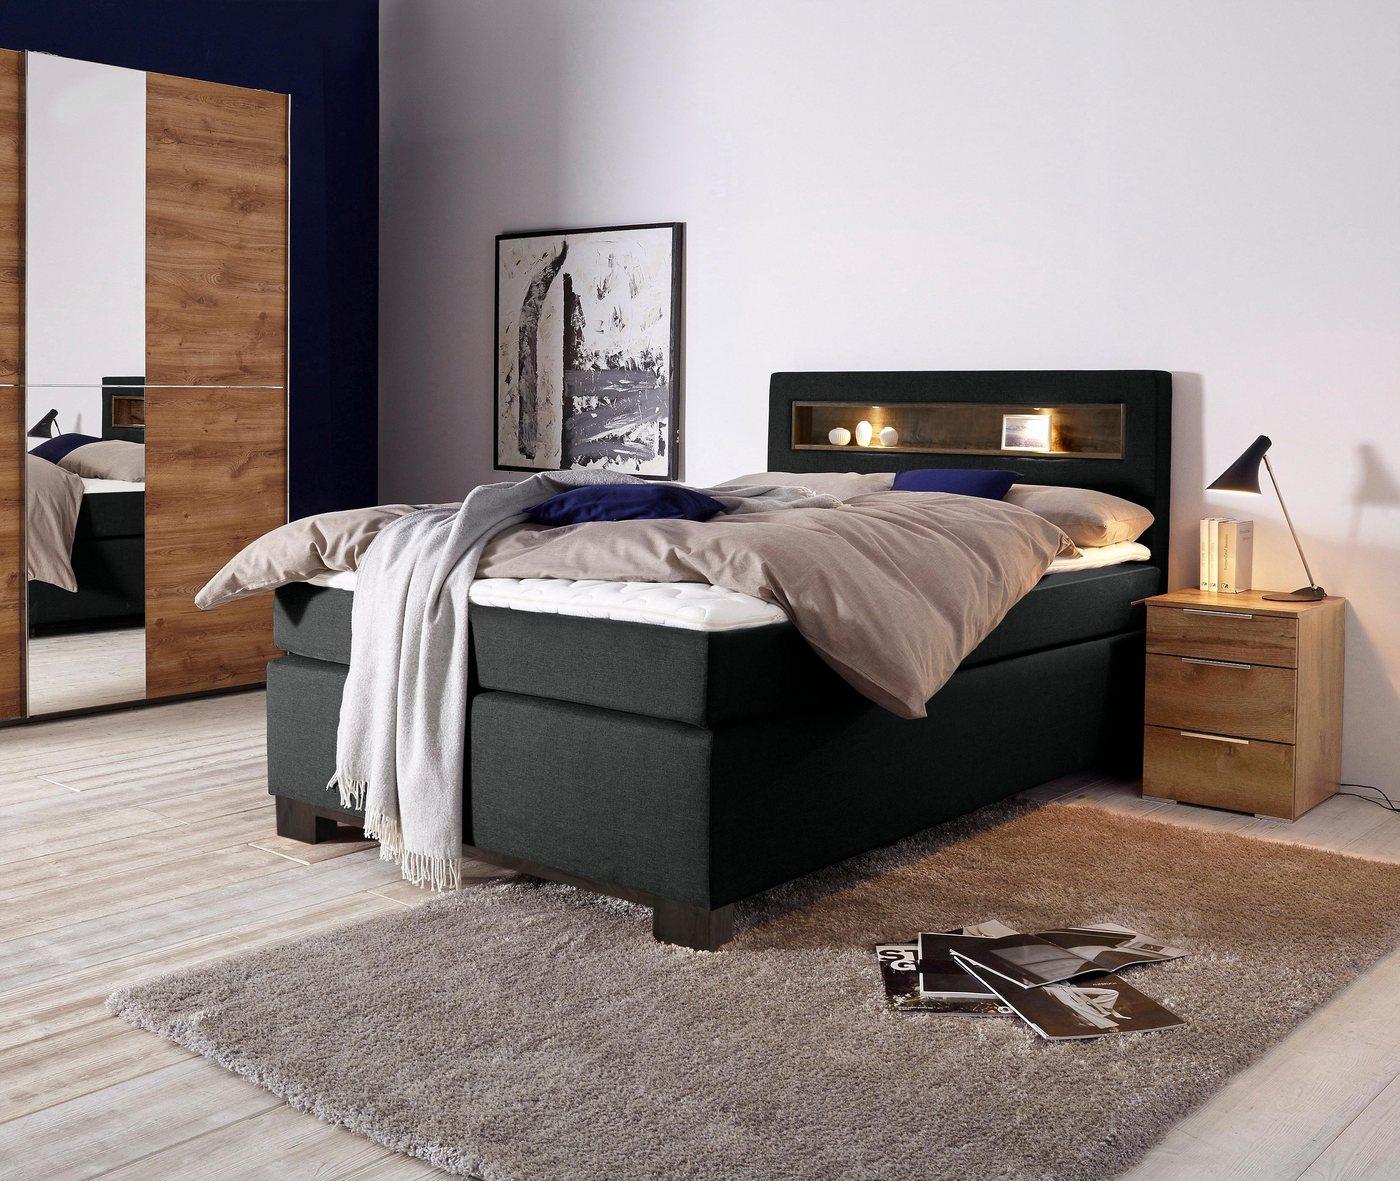 matratze 120 cm breit machen sie den preisvergleich bei nextag. Black Bedroom Furniture Sets. Home Design Ideas